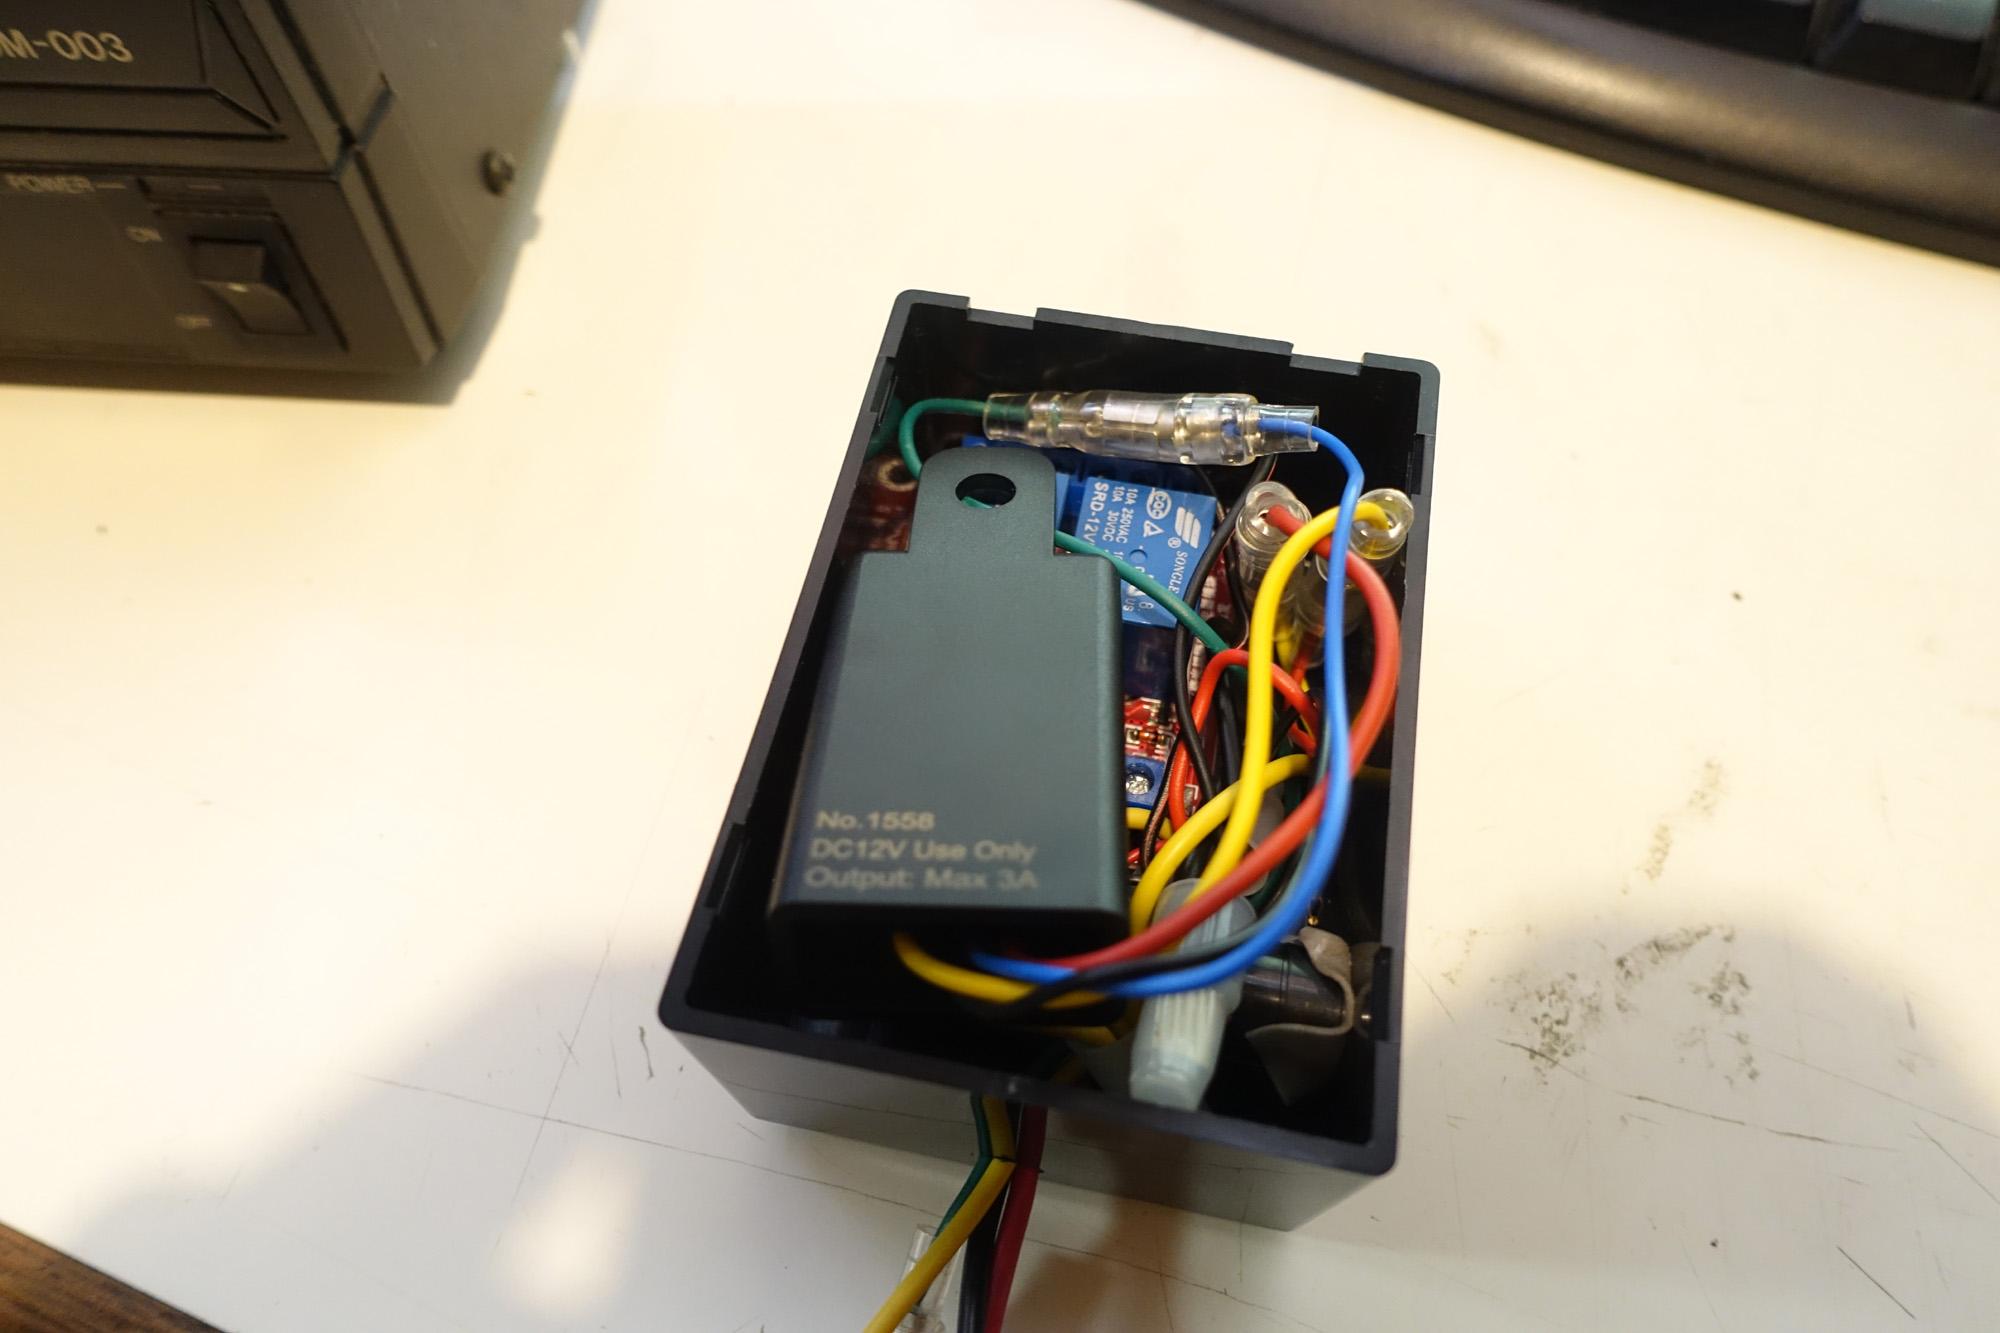 iDriveを外してライト消し忘れ警告音が鳴らない件 BMW 130i E87 その3 パルス対応にしてみる。